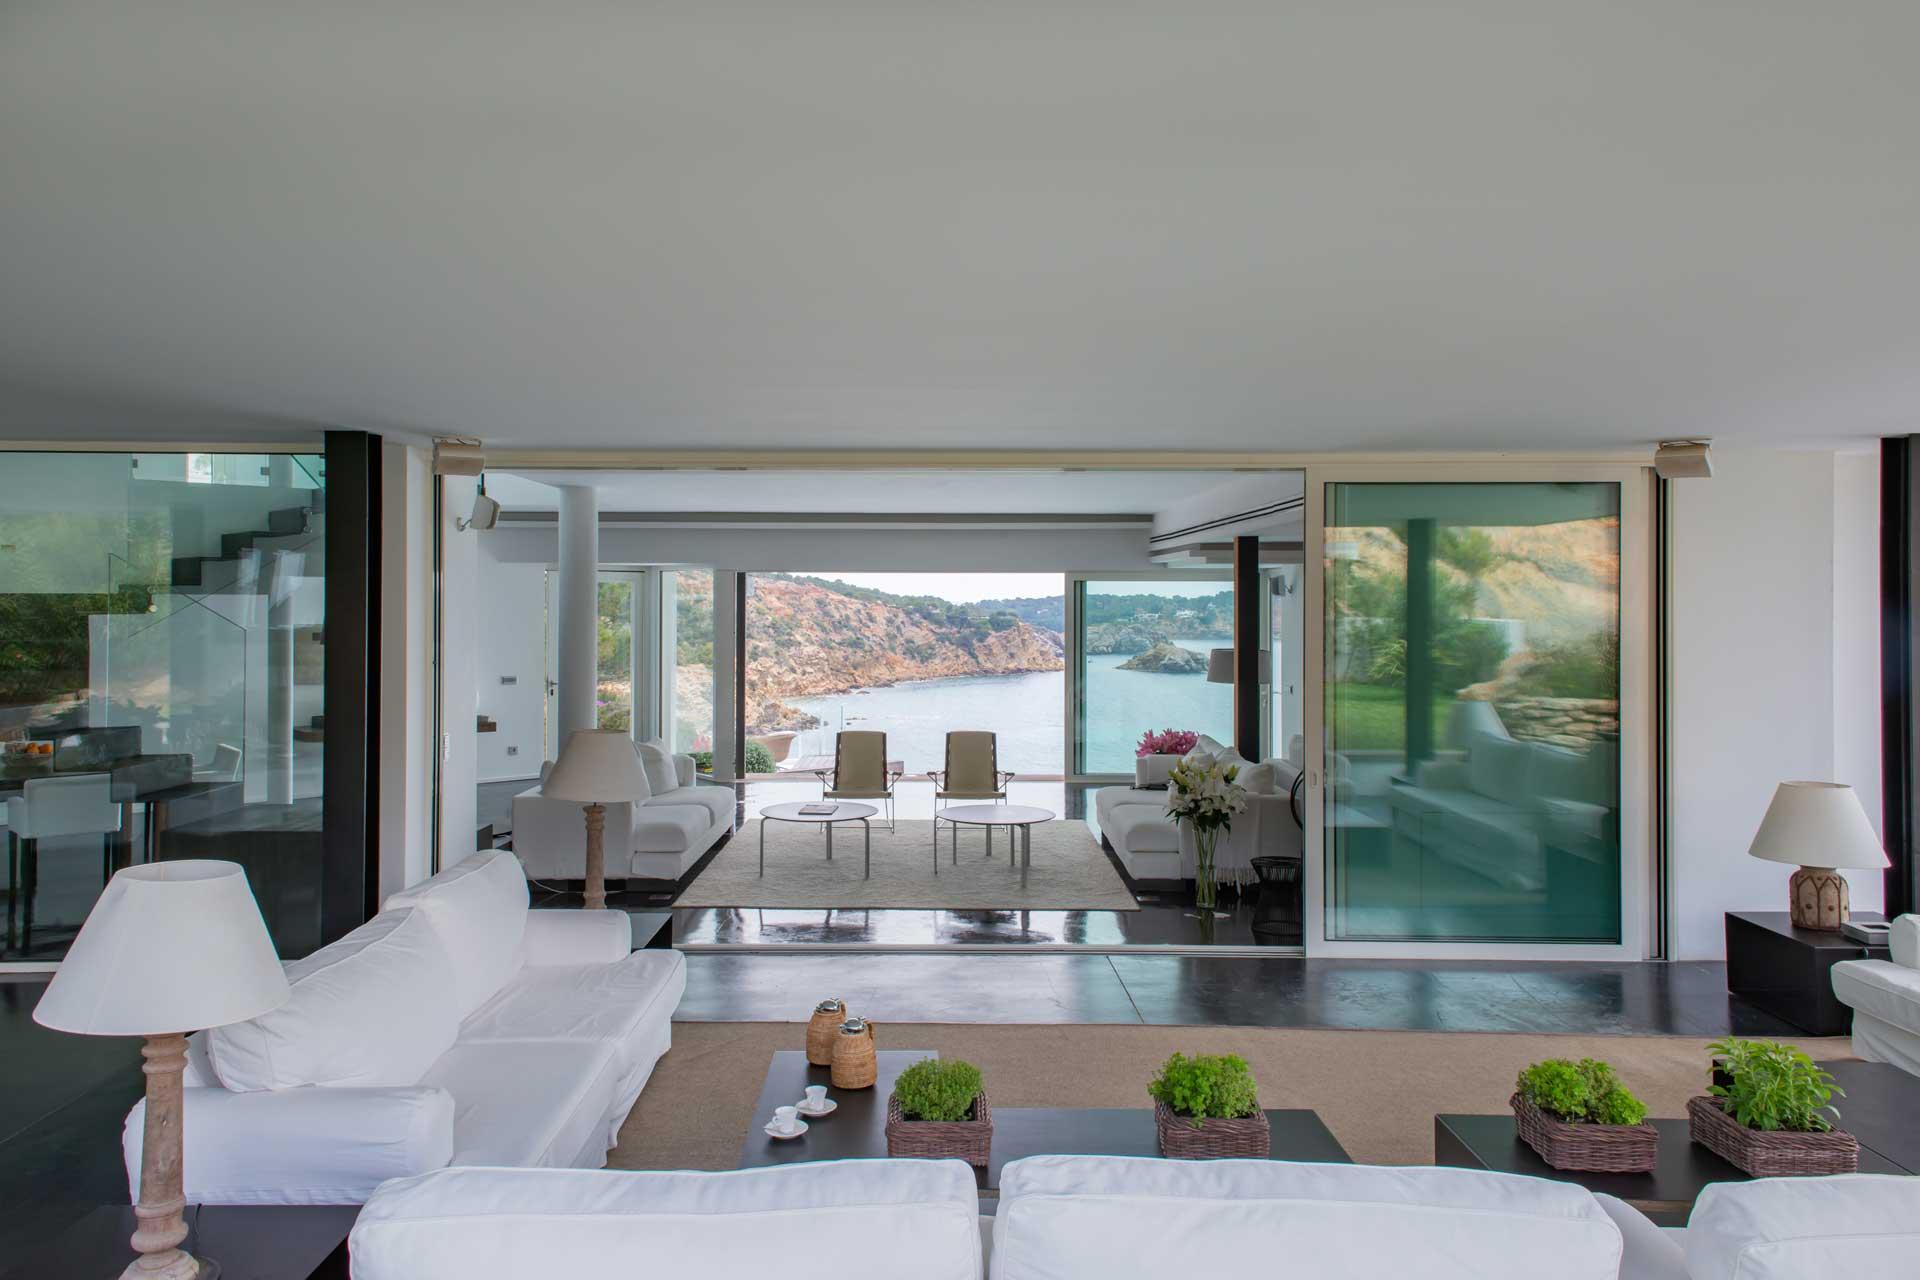 Villa Infinty Ibiza Vista Alegre - Garden terrace